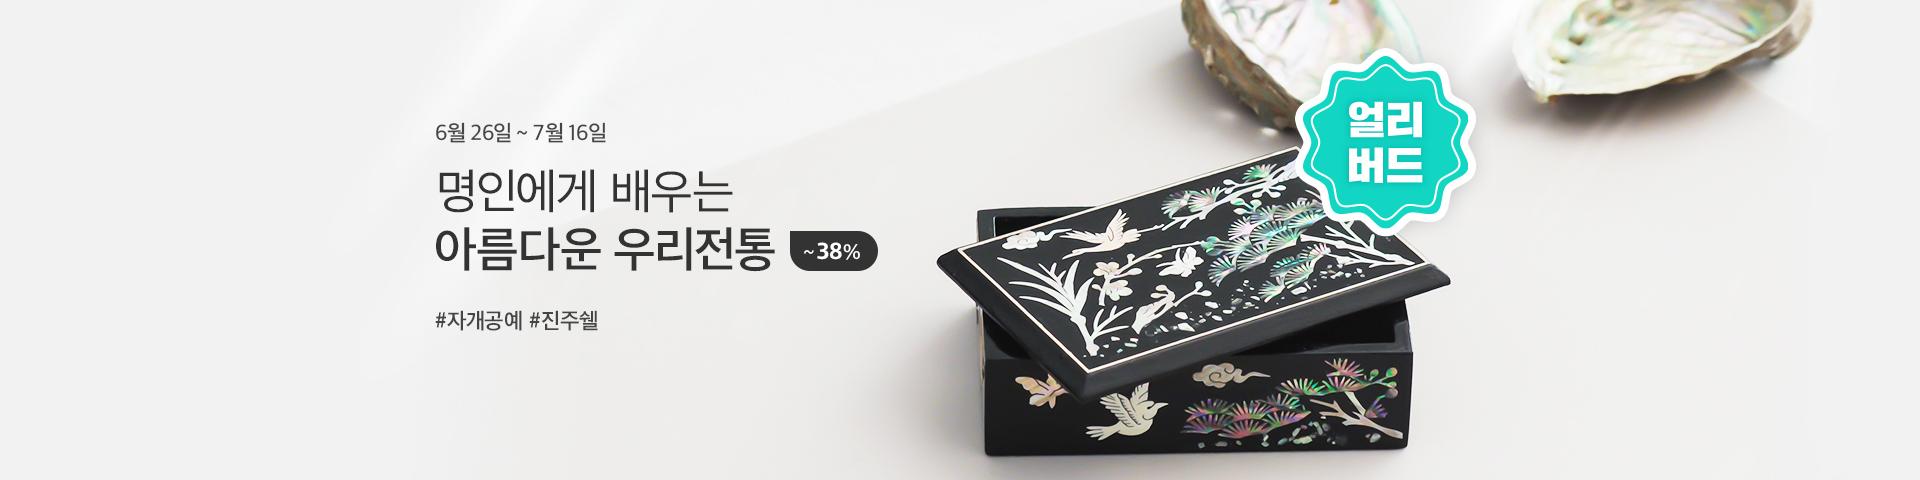 [얼리버드] 진주쉘_자개공예